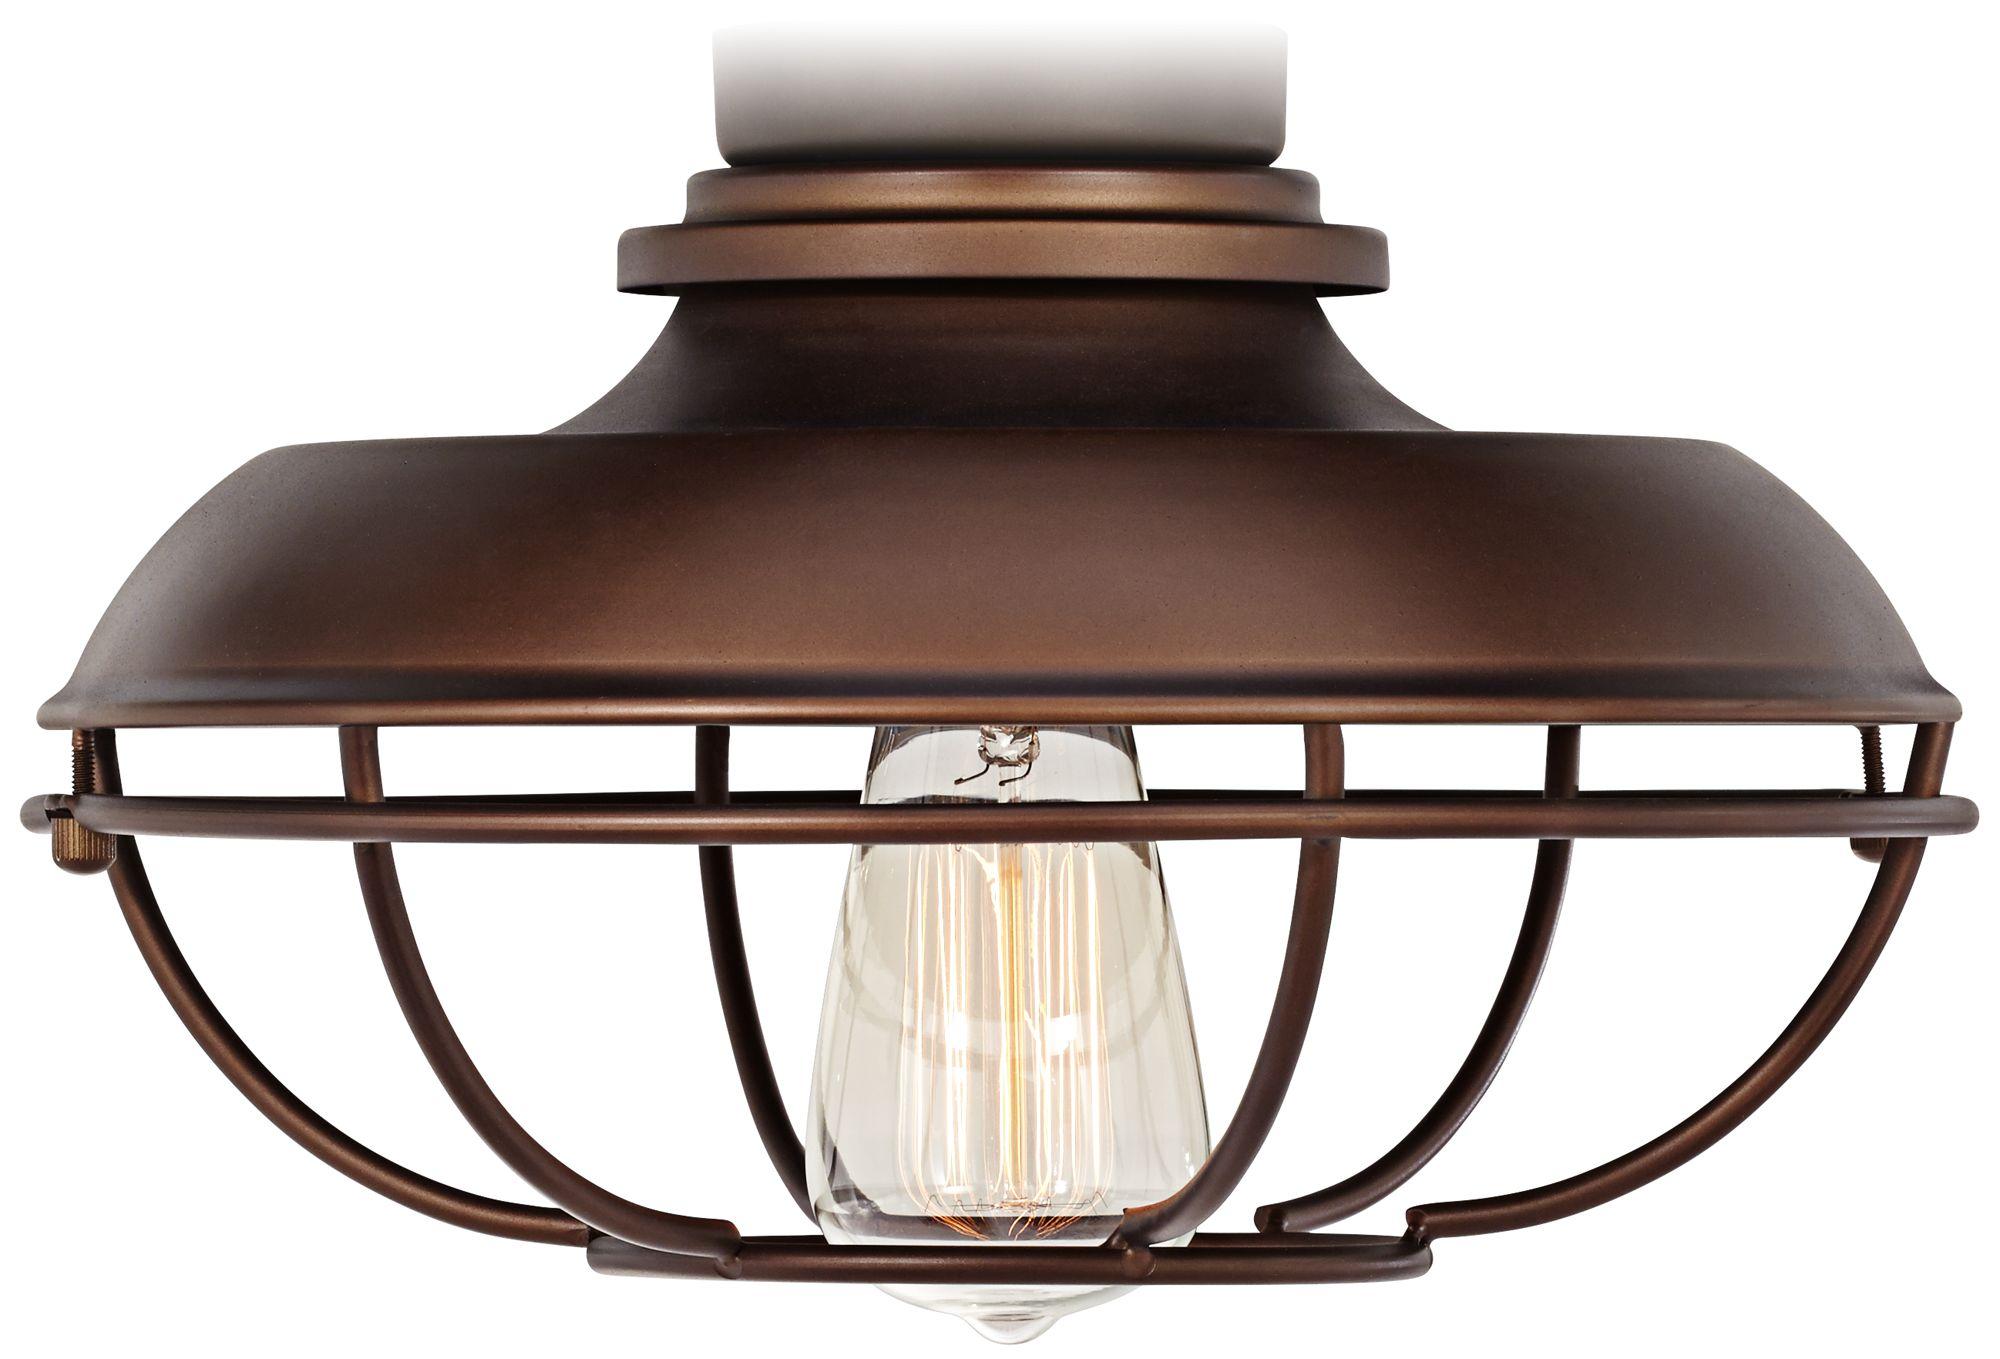 franklin park oilrubbed bronze damp ceiling fan light kit